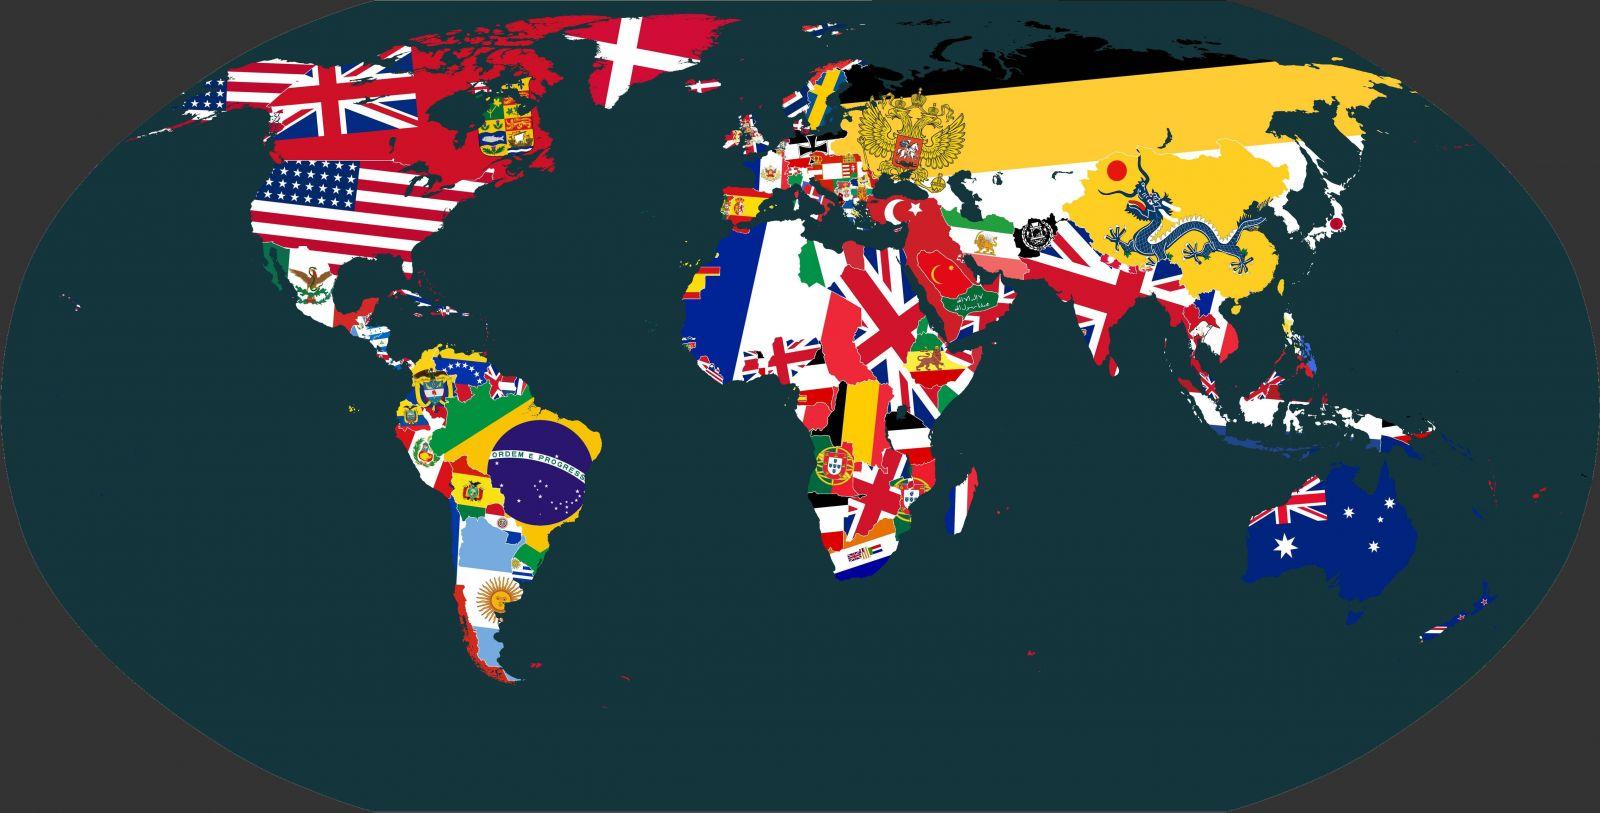 Từ Vựng Tiếng Đức Về Các Nước Trên Thế Giới